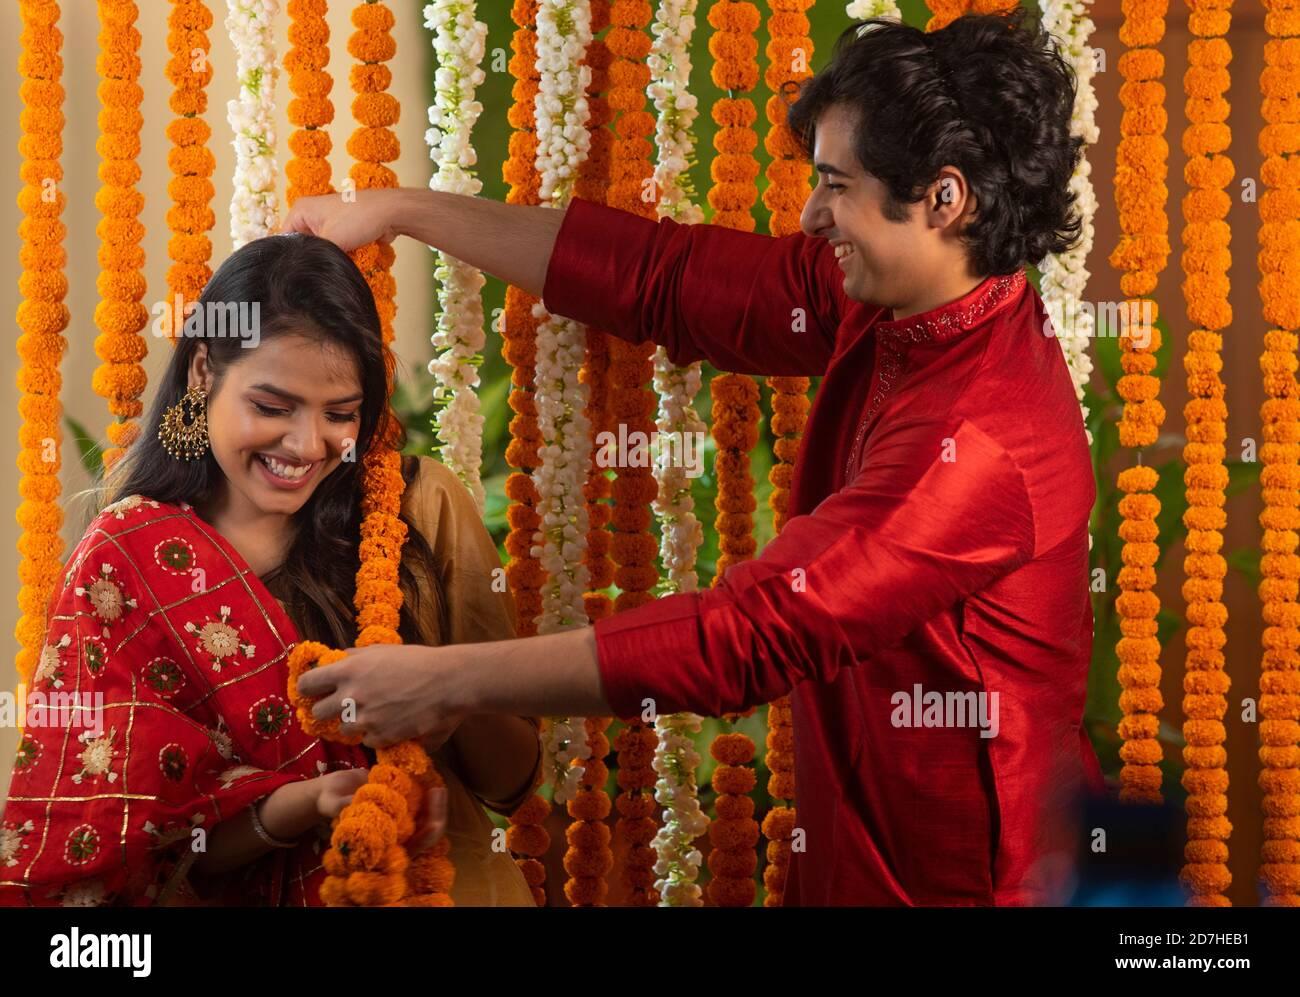 jeune couple s'amusant les uns avec les autres tout en décorant avec guirlandes de fleurs Banque D'Images